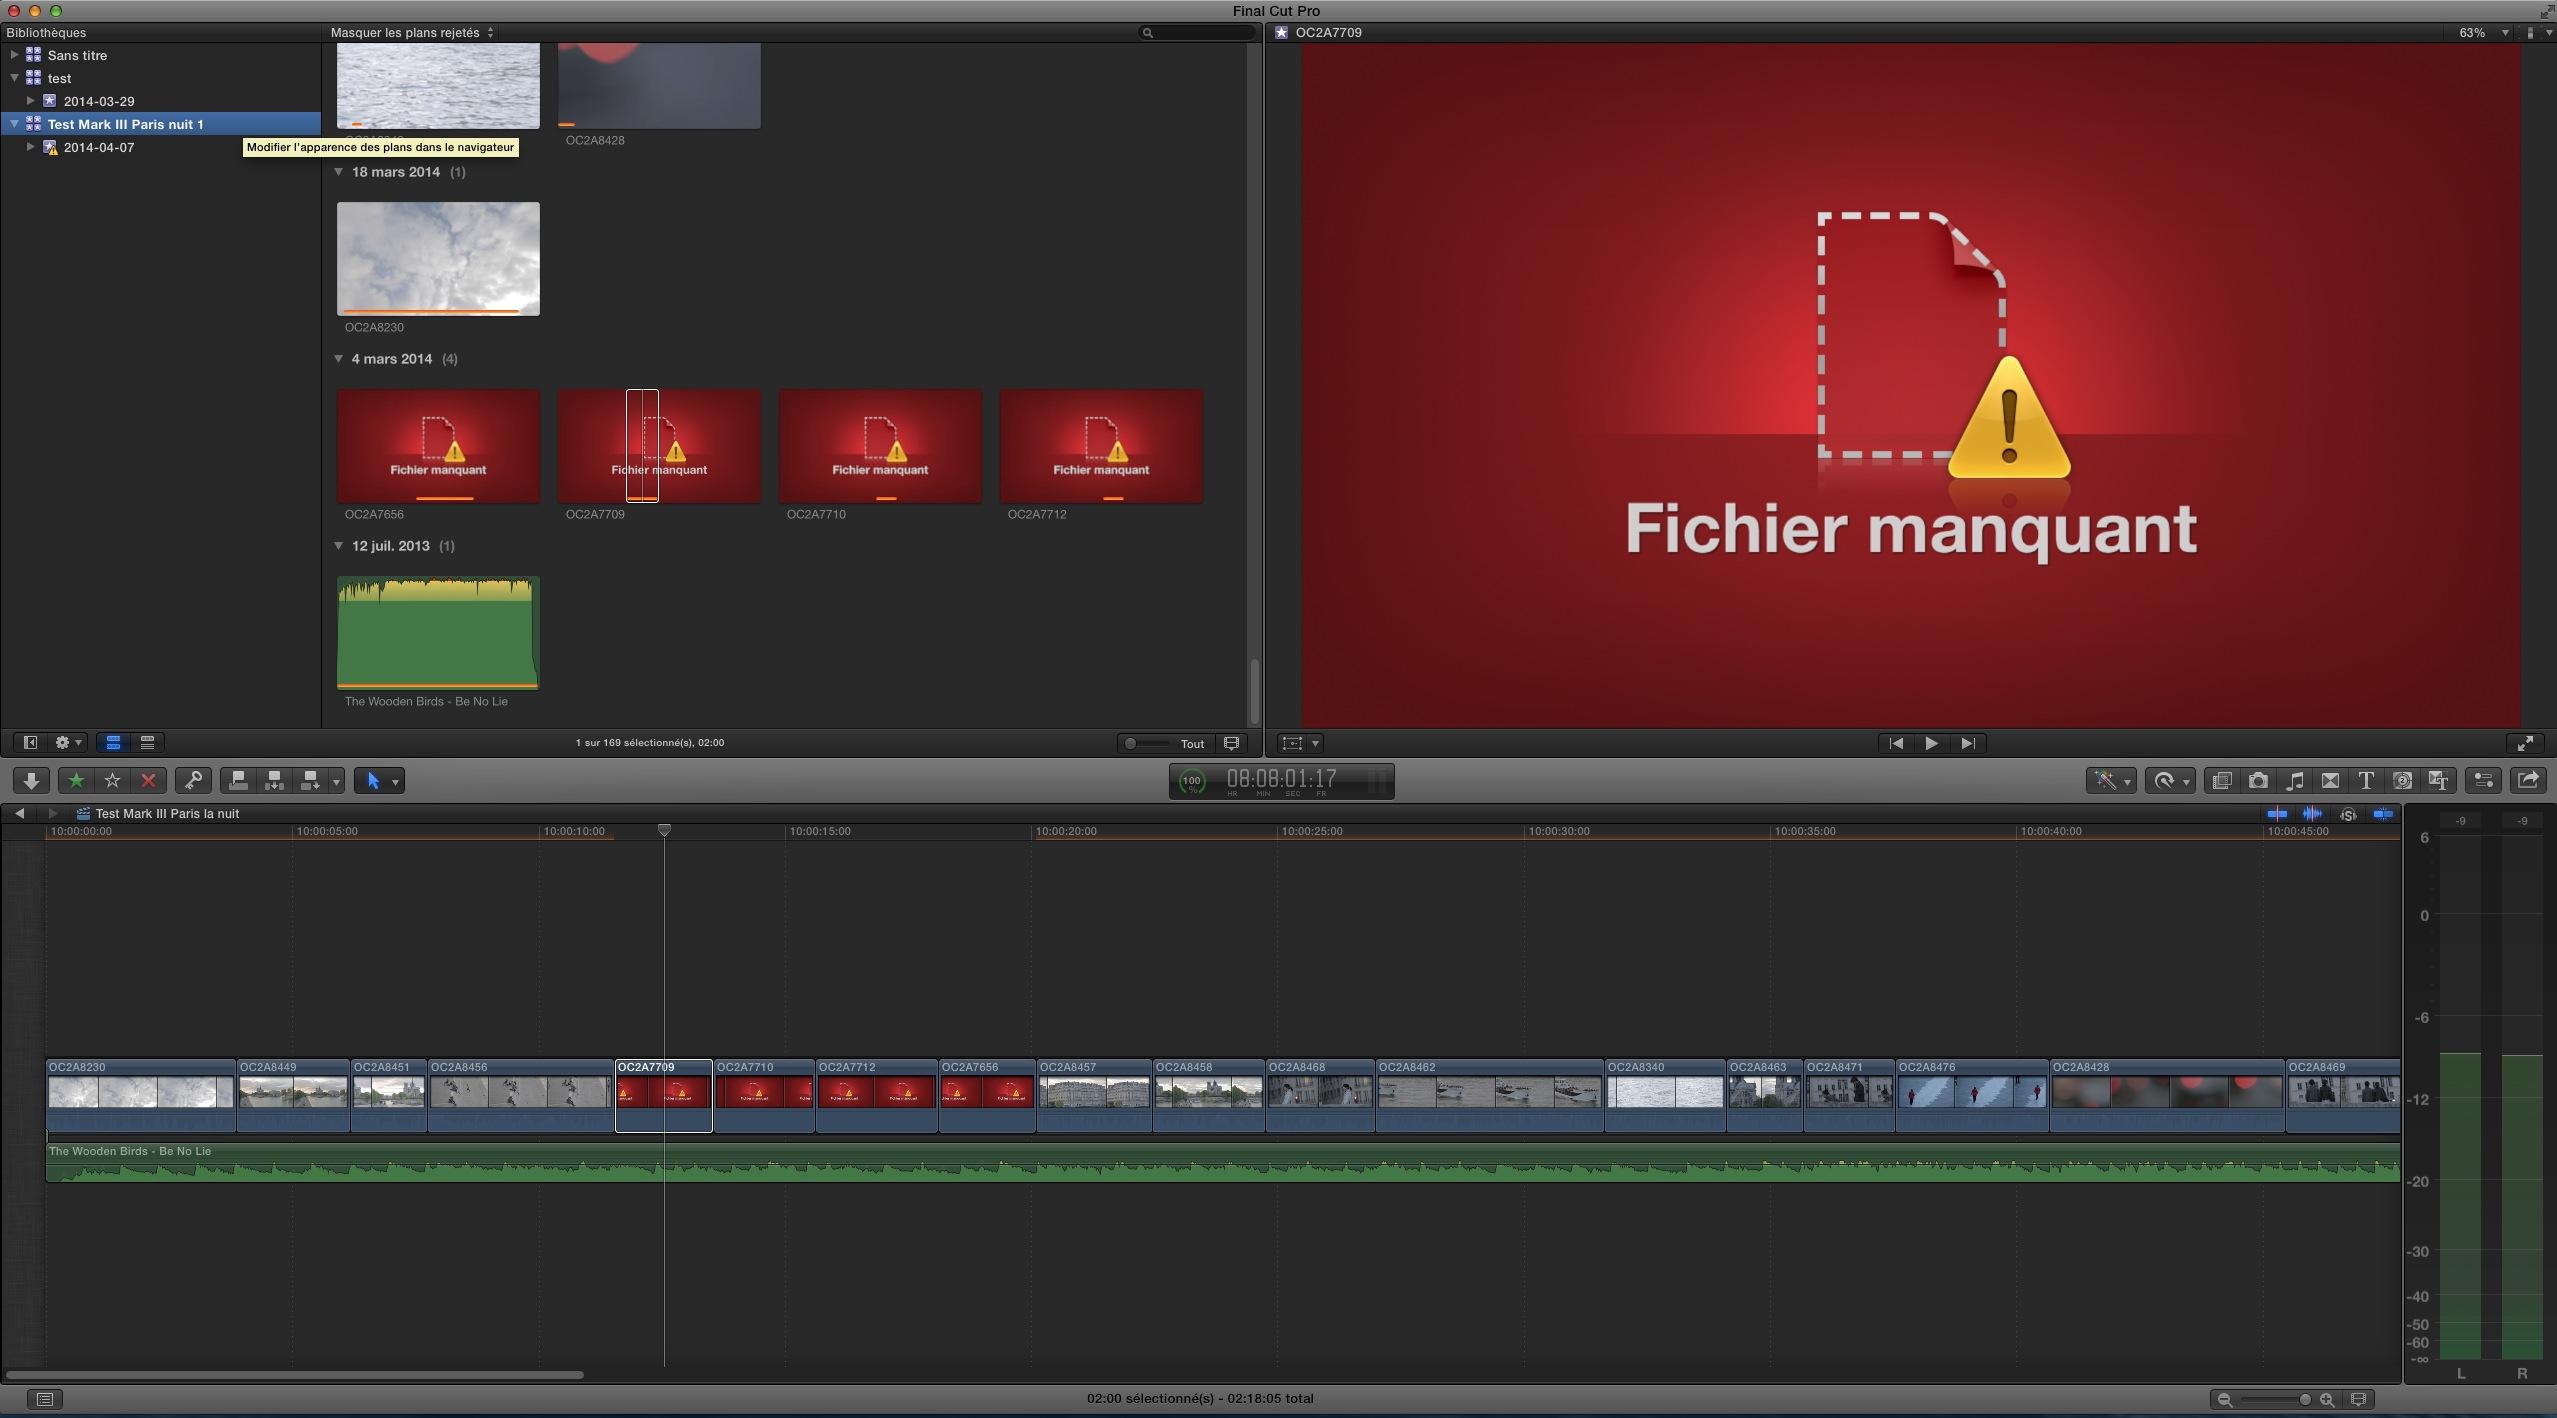 Fichiers manquants sous FCPX 10.1.1